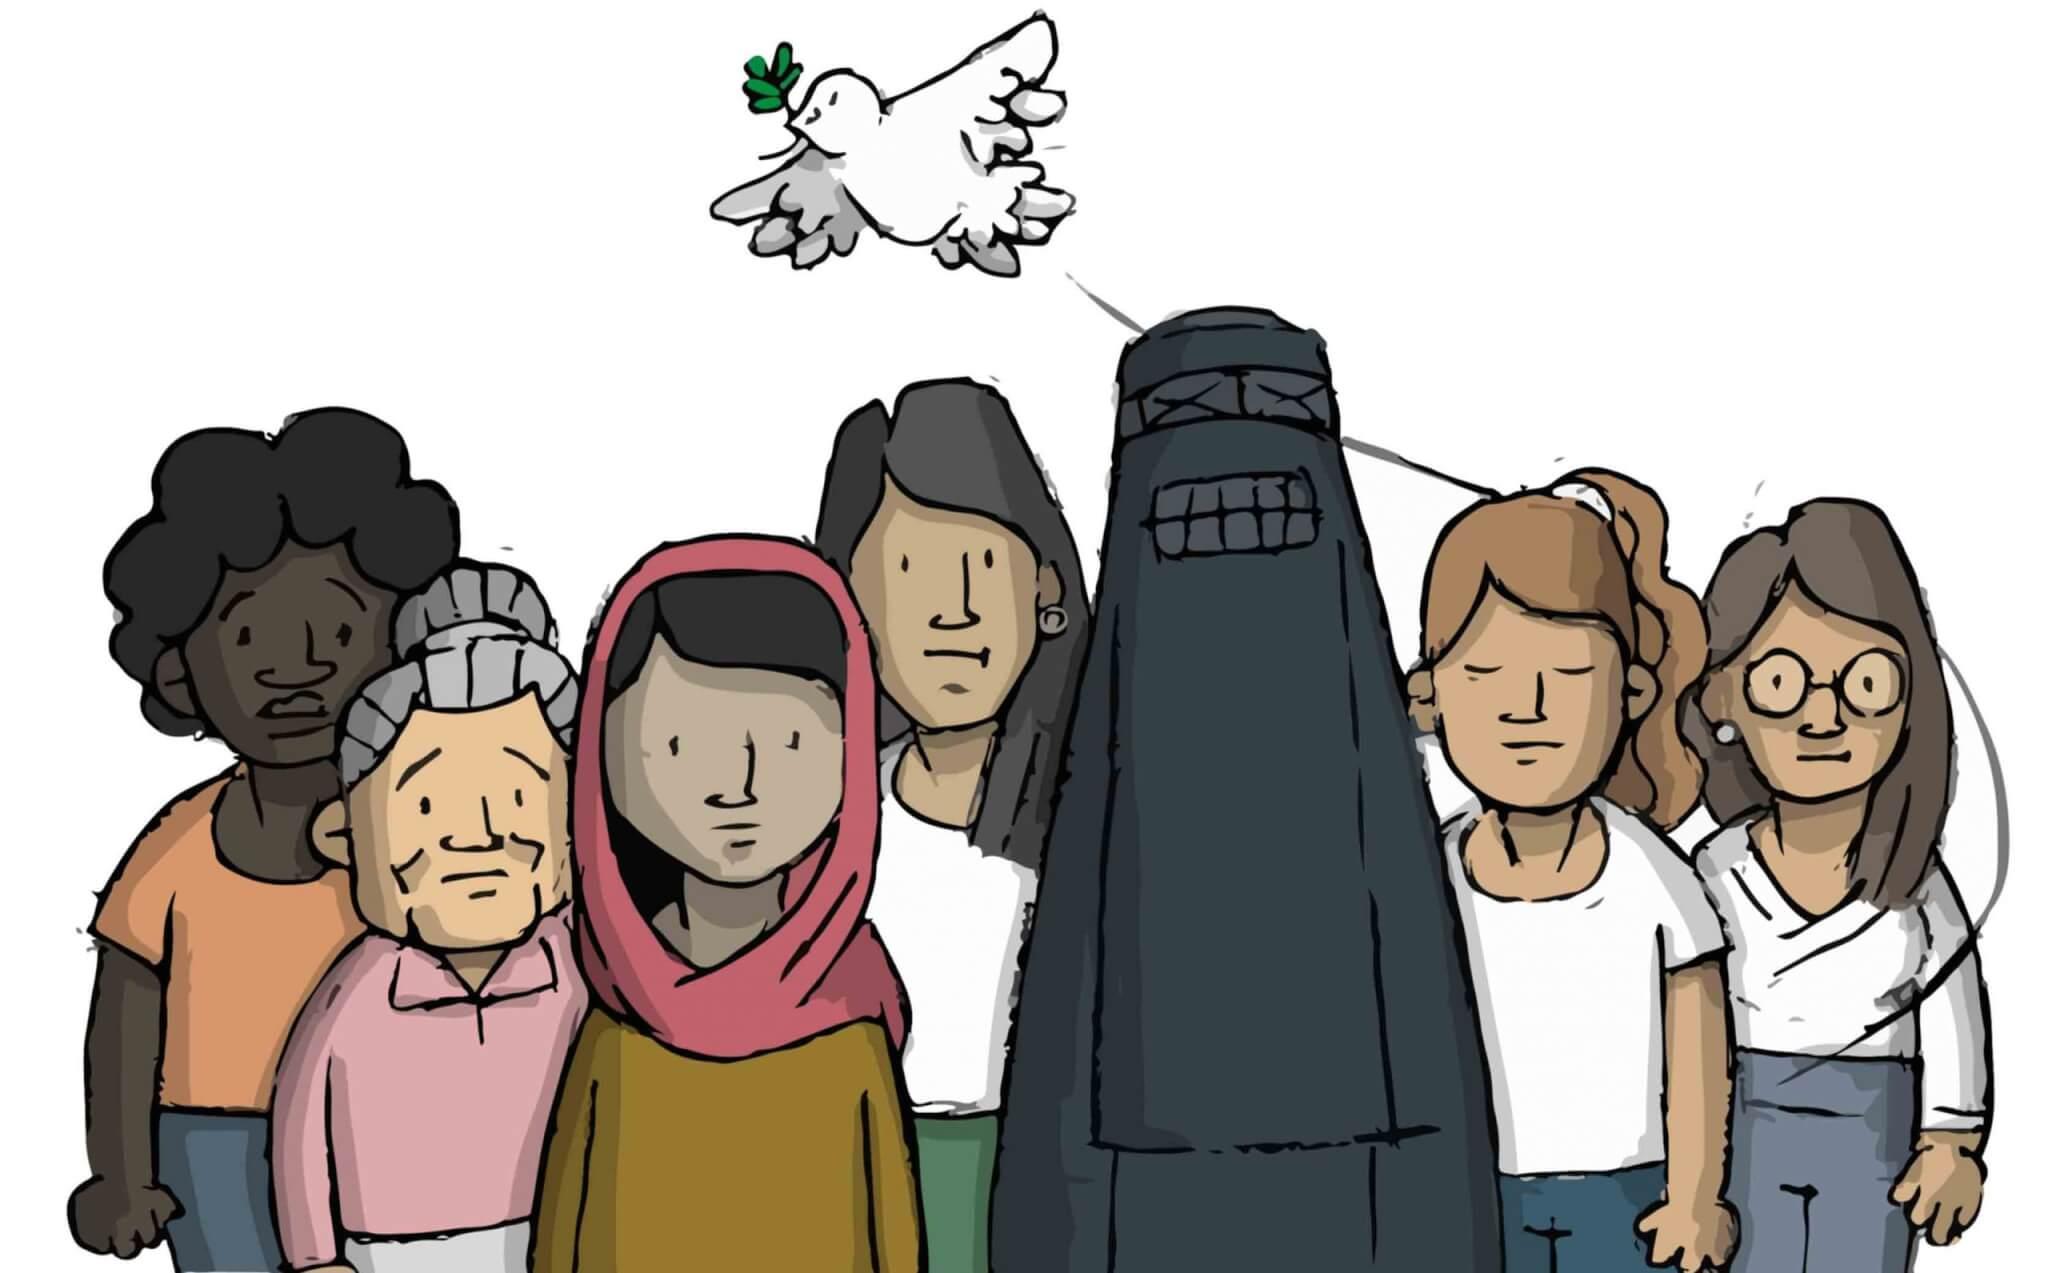 Le donne afgane esistono: il 28 agosto una marcia globale